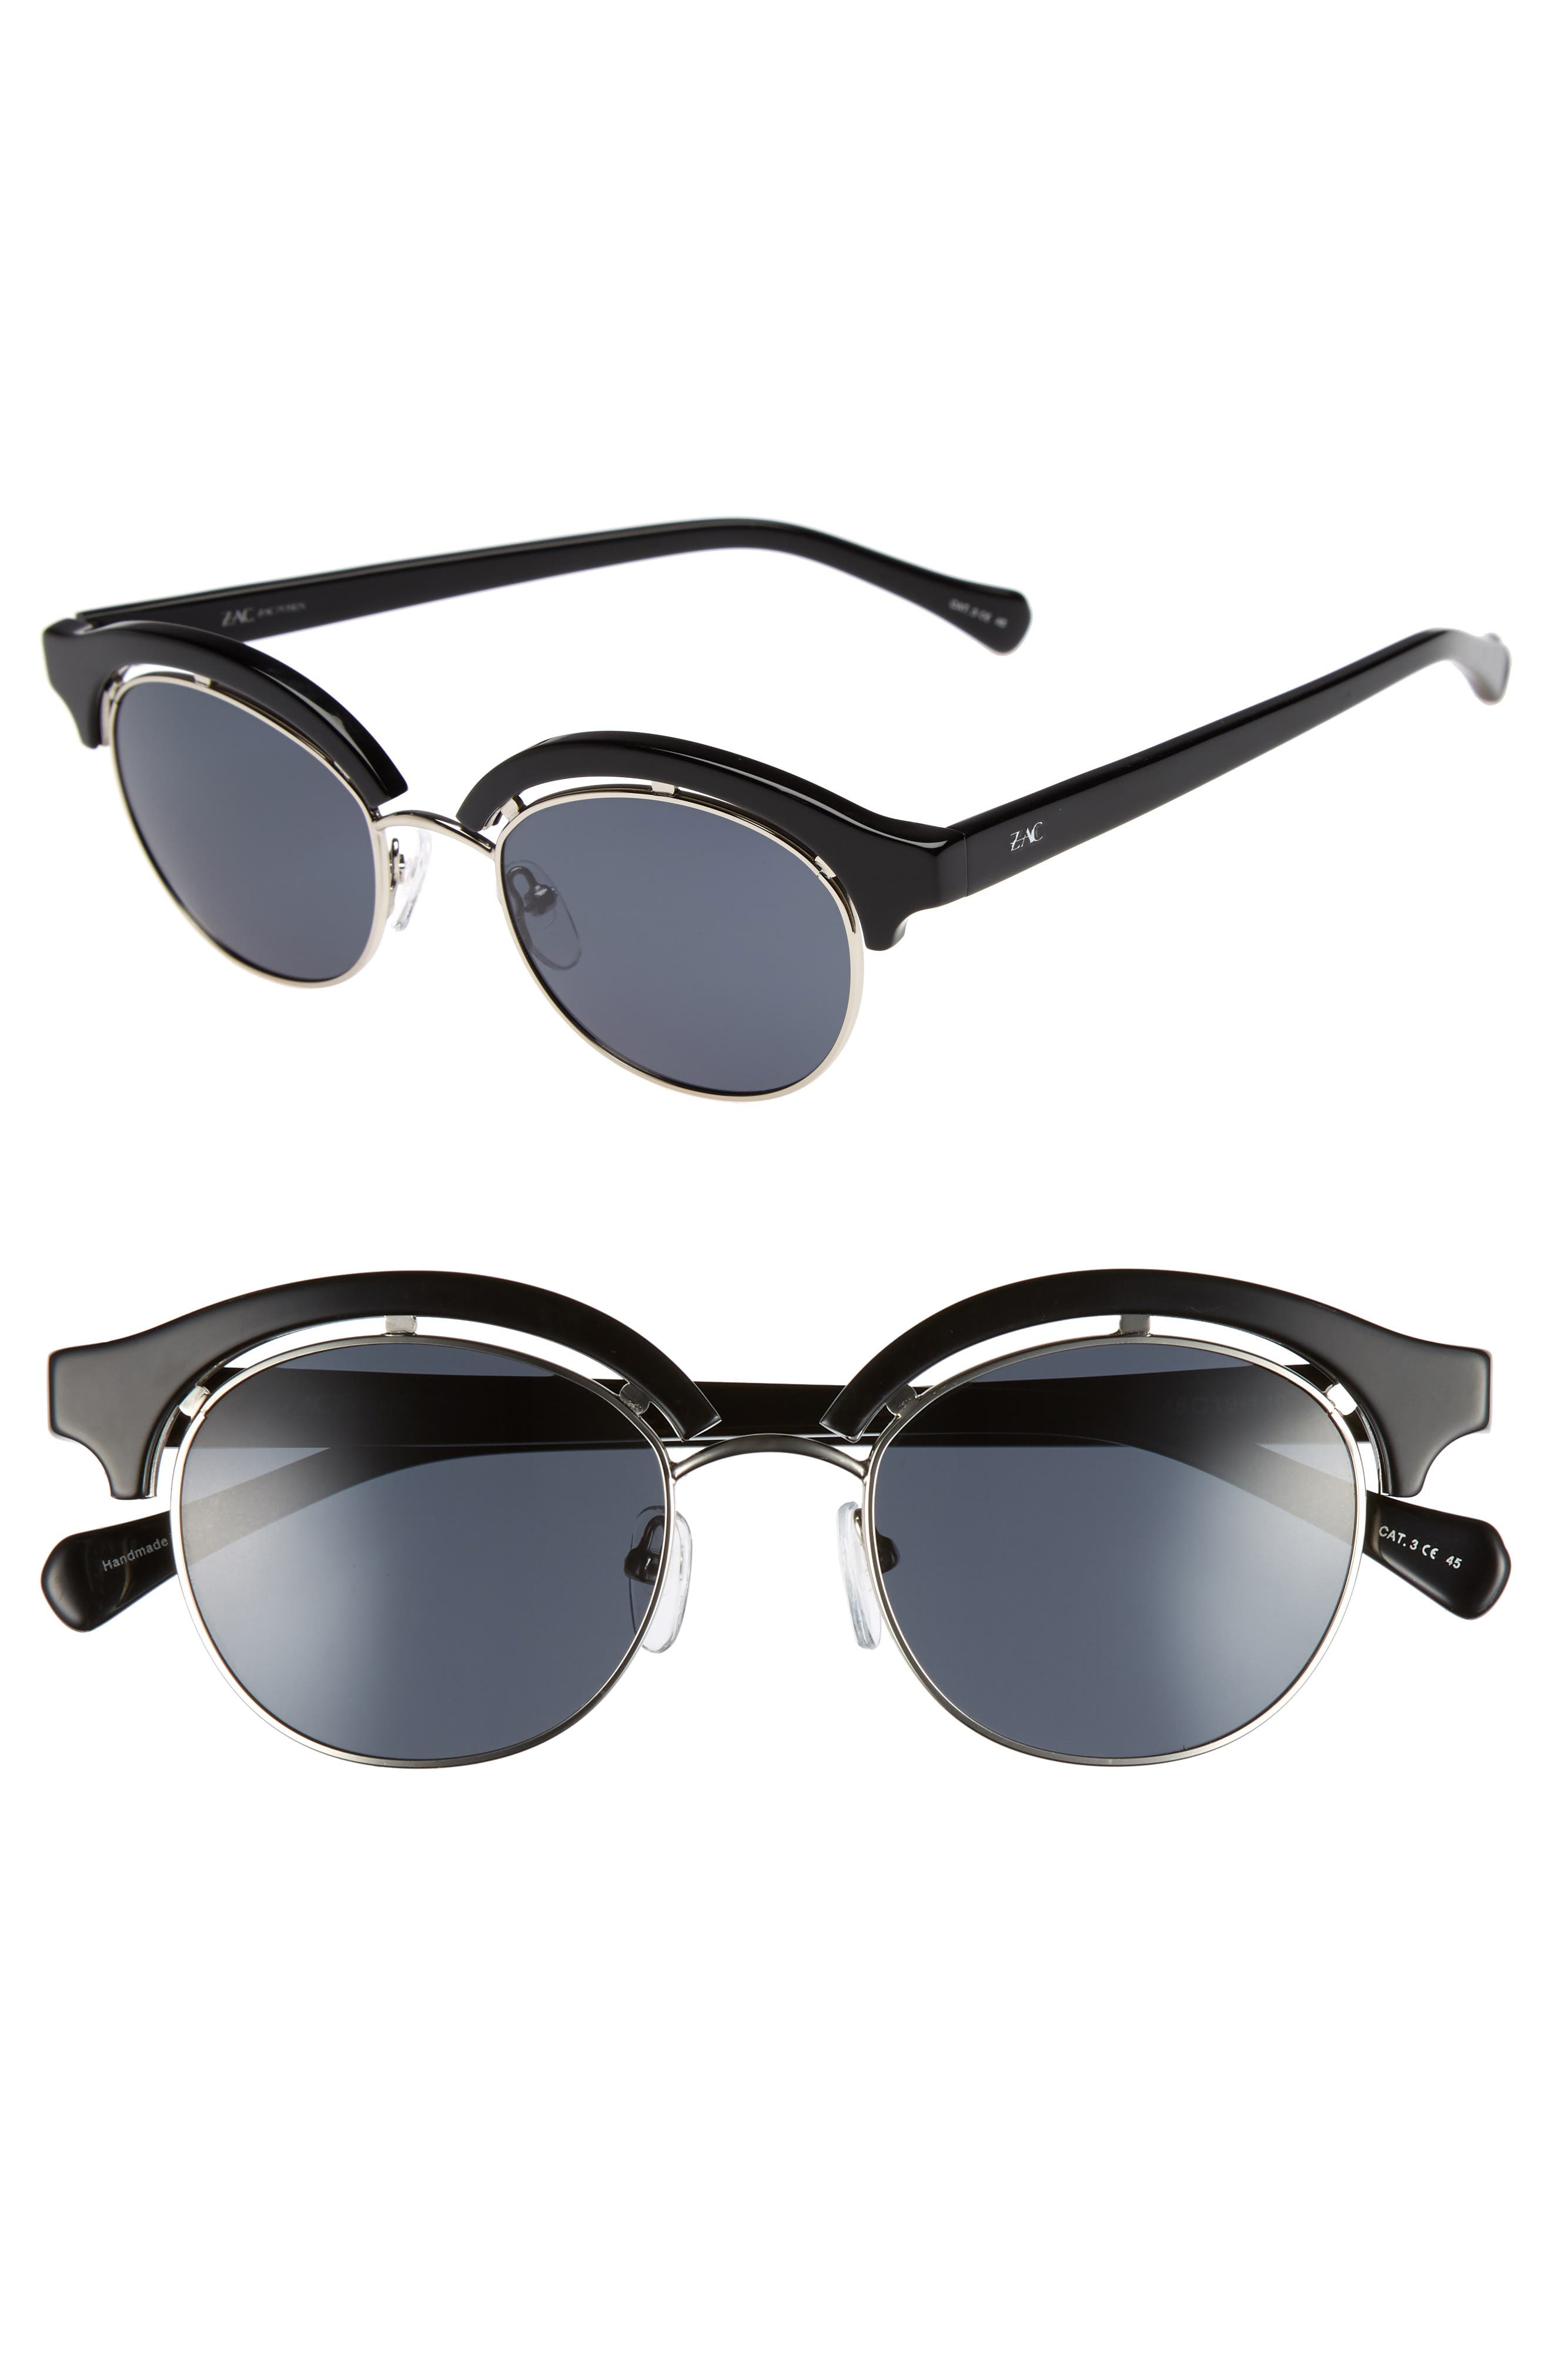 ZAC Zac Posen Pomona 48mm Polarized Sunglasses